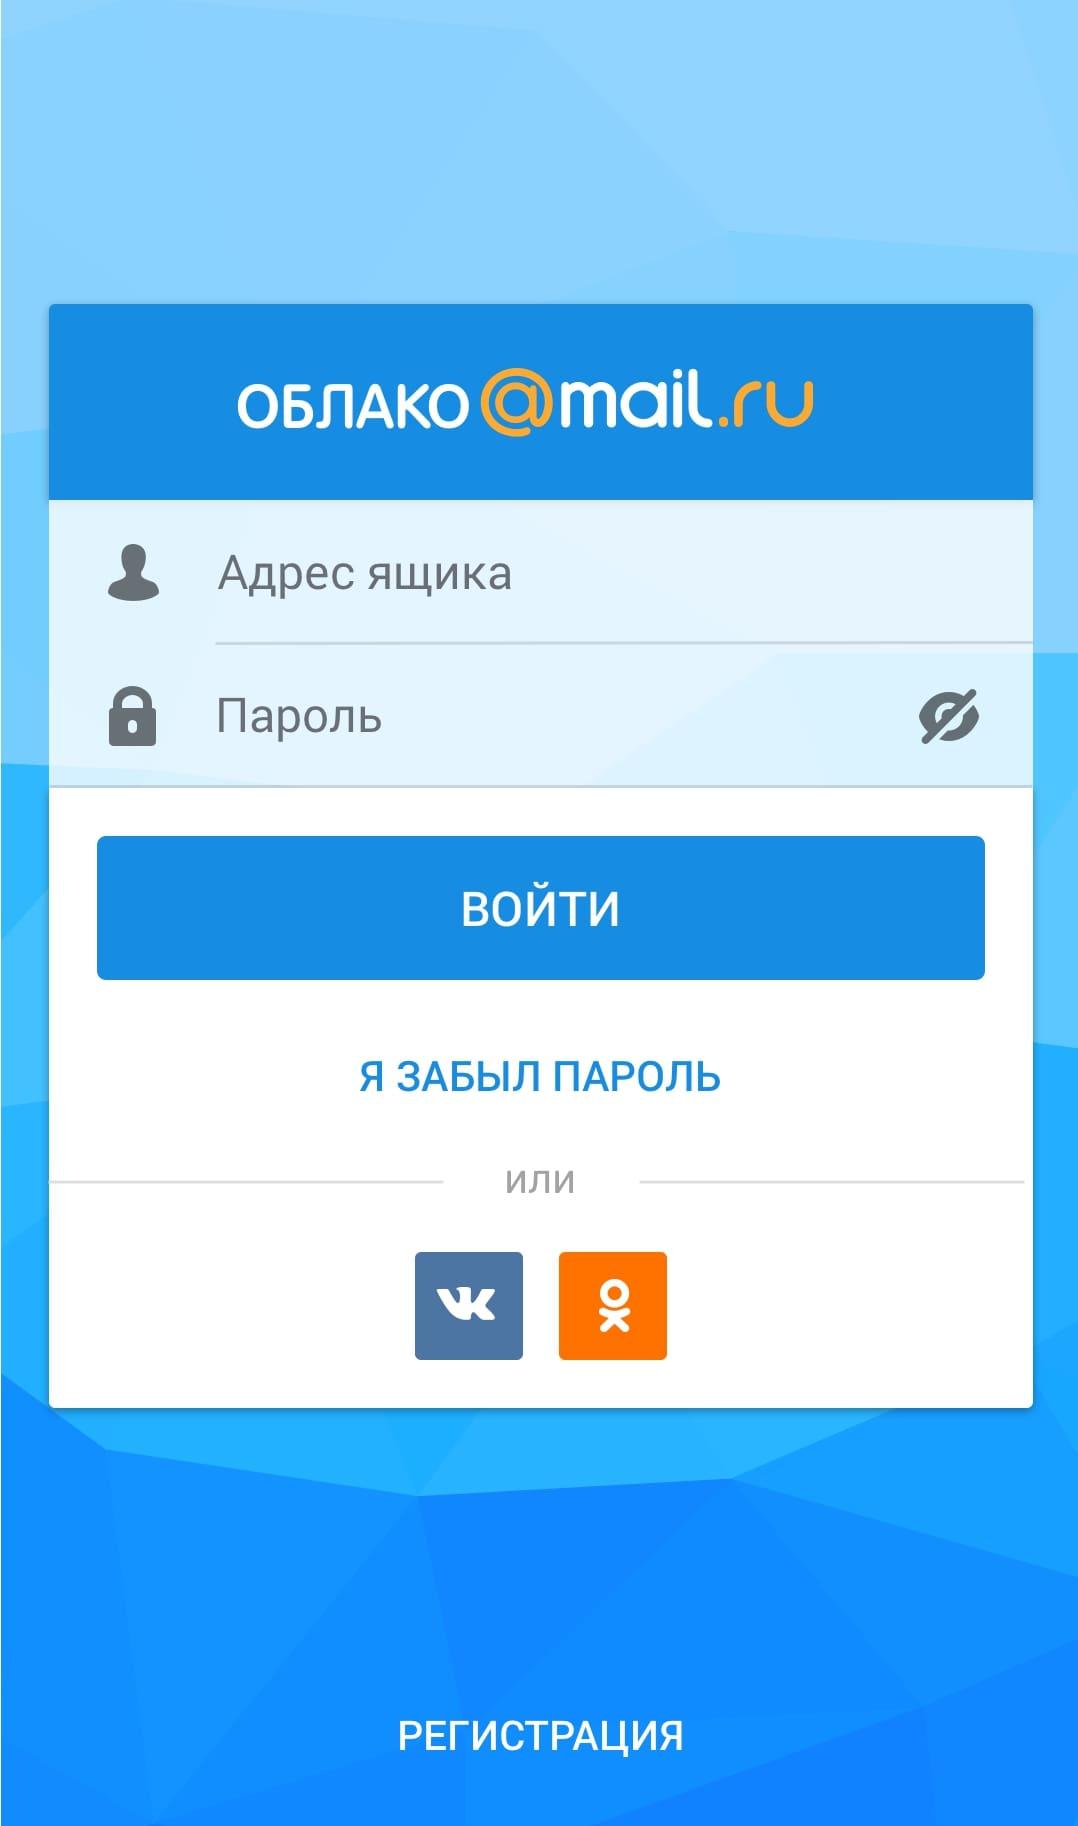 3.-registracija-na-oblake-android.jpg